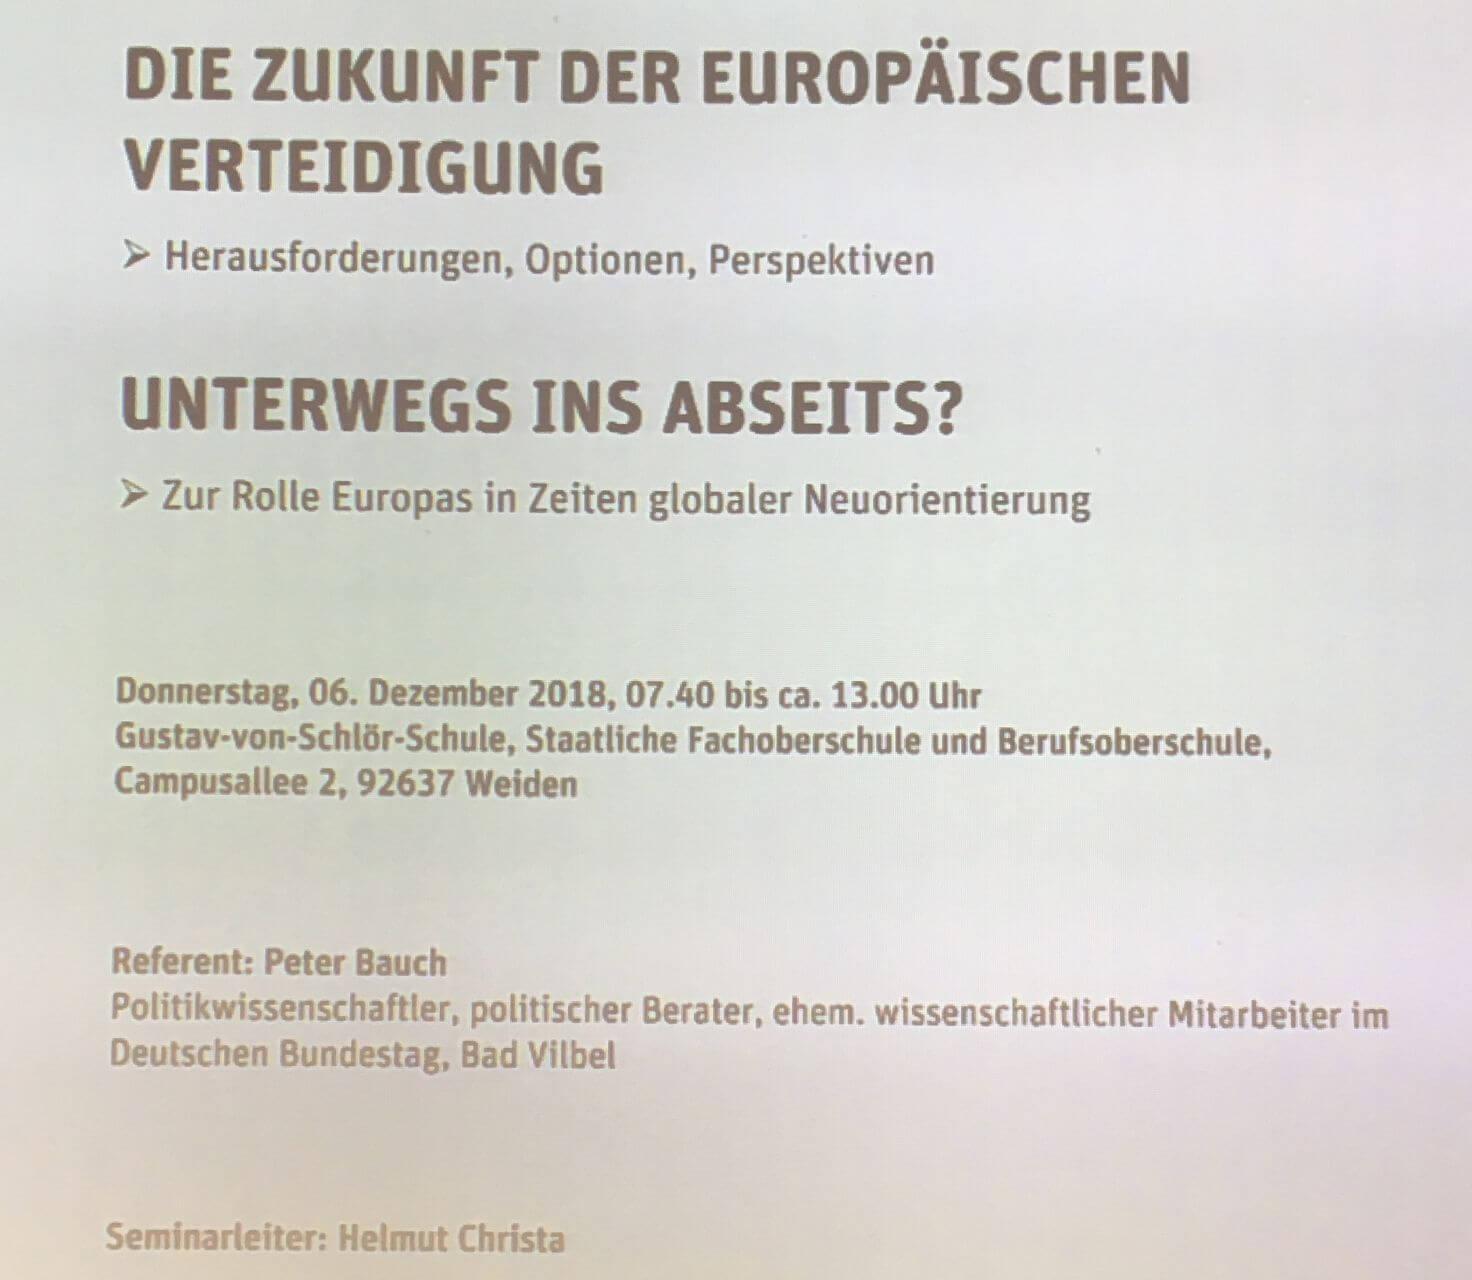 190121 Vortrageuropa Content3